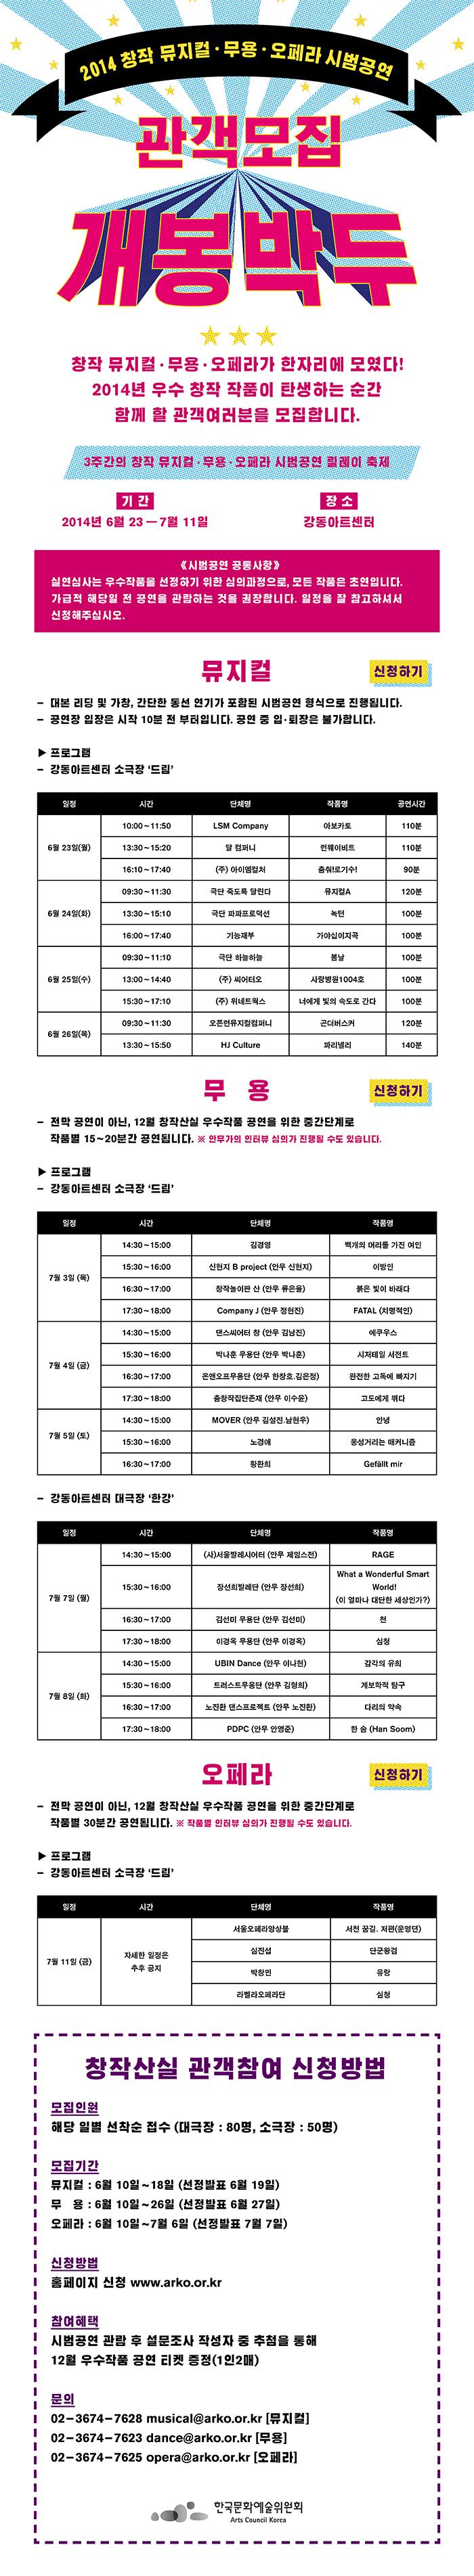 2014 창작뮤지컬·무용·오페라 시범공연